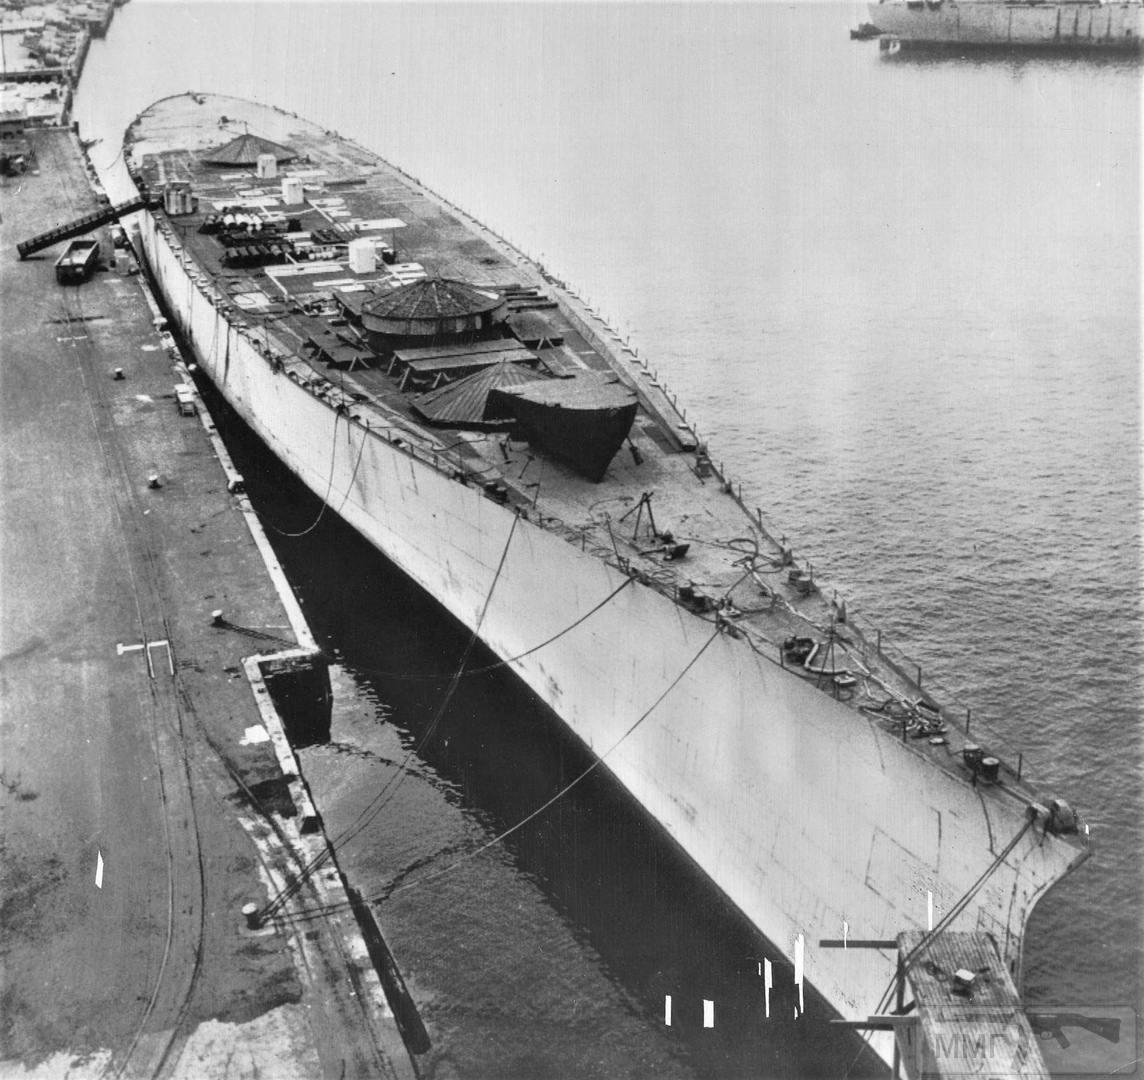 34236 - USS Kentucky (BB-66)